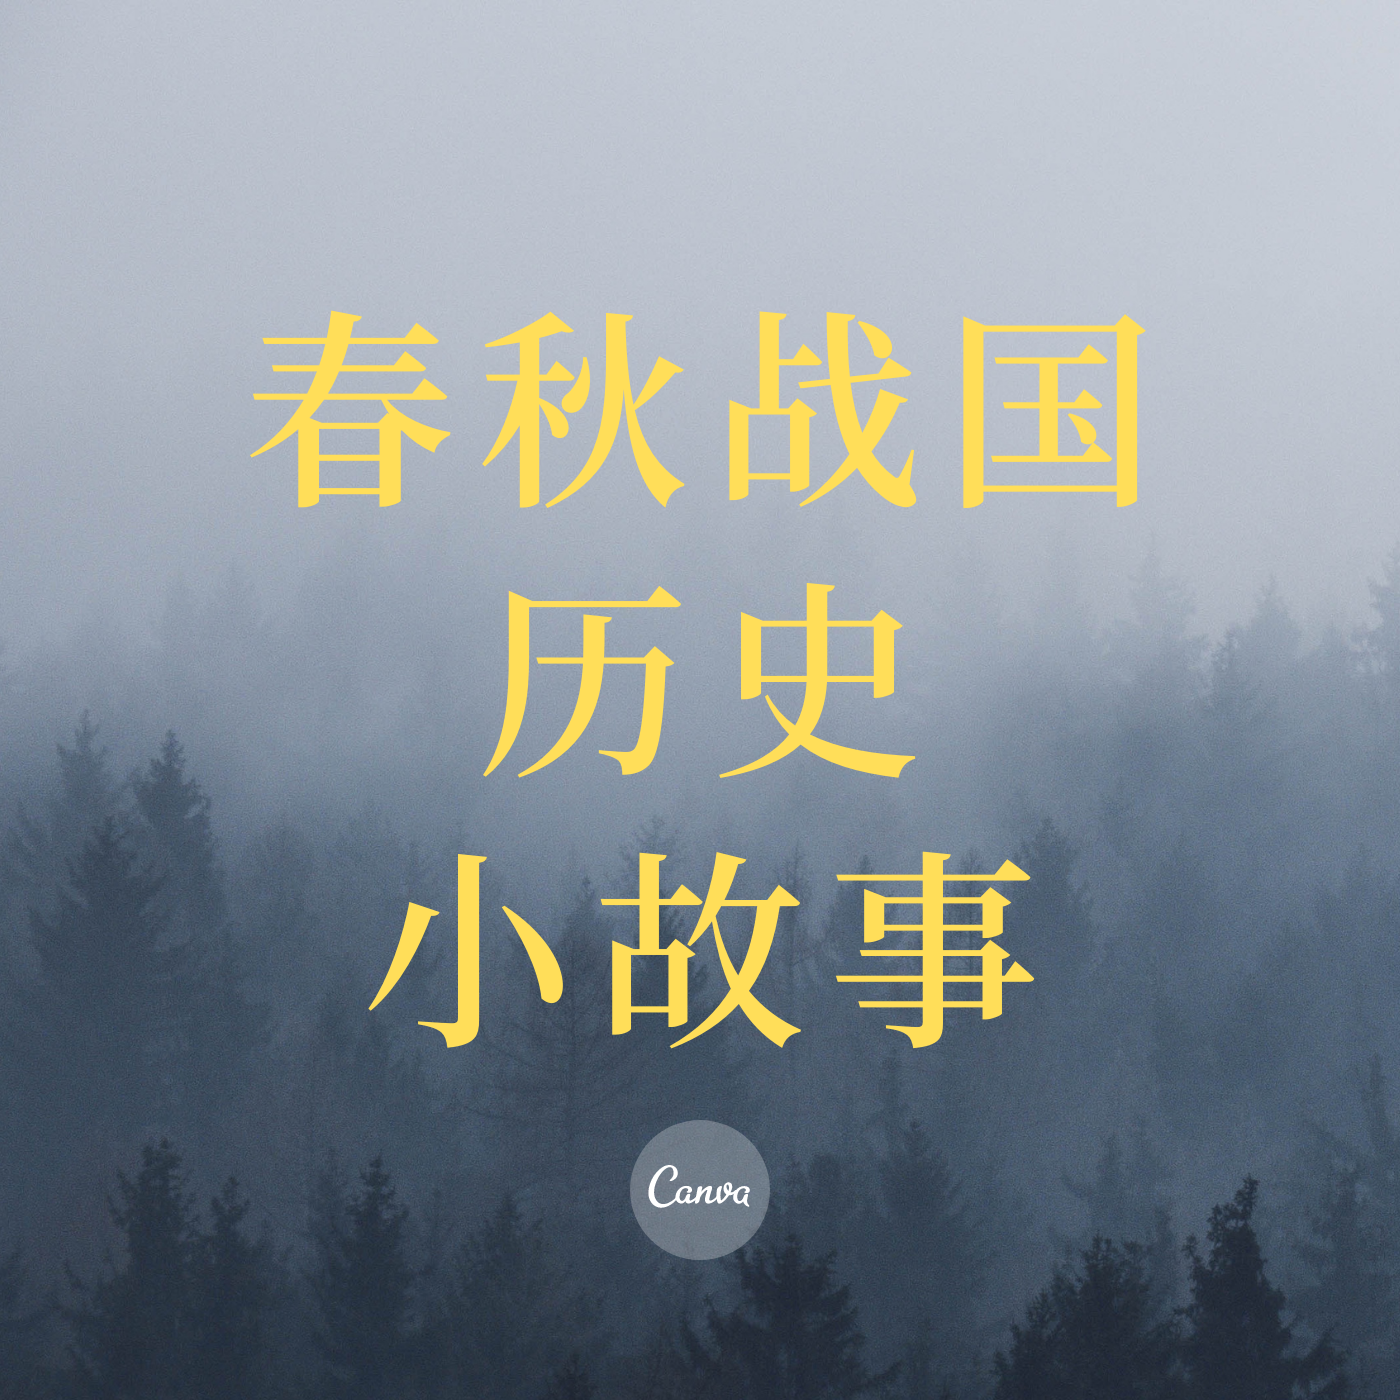 春秋战国历史小故事